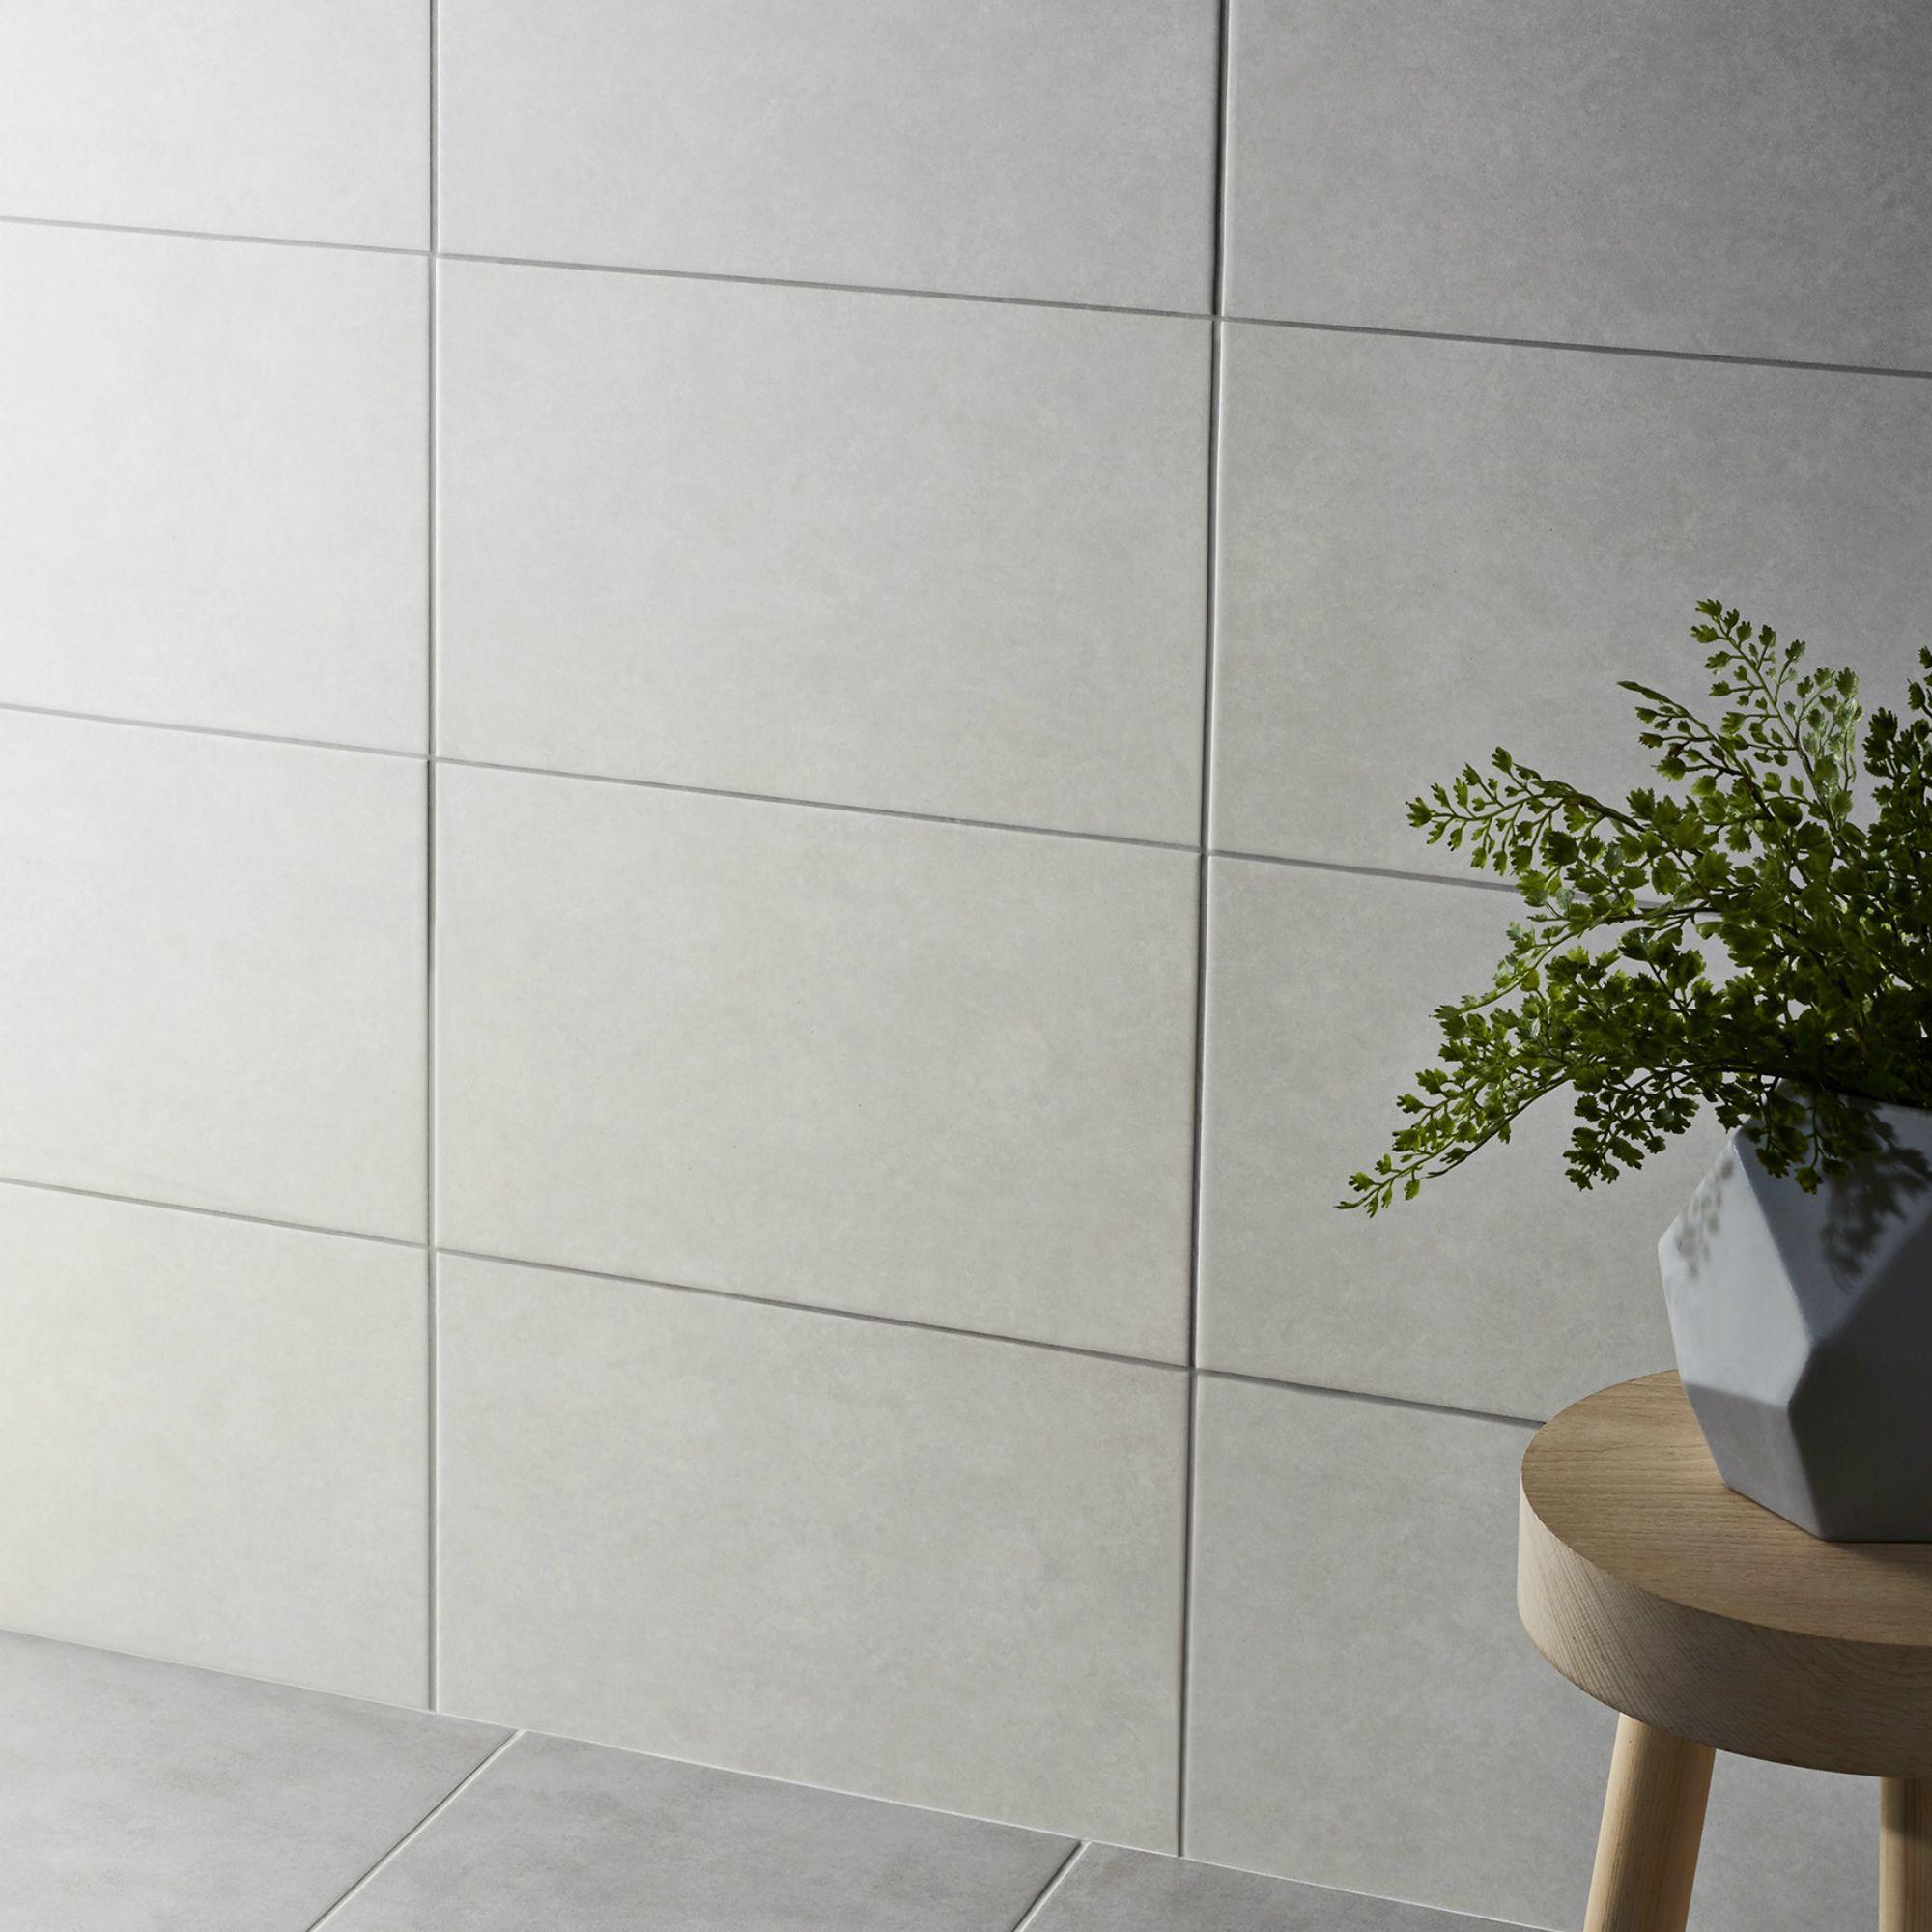 cimenti light grey matt ceramic wall tile pack of 10 l 400mm w 250mm